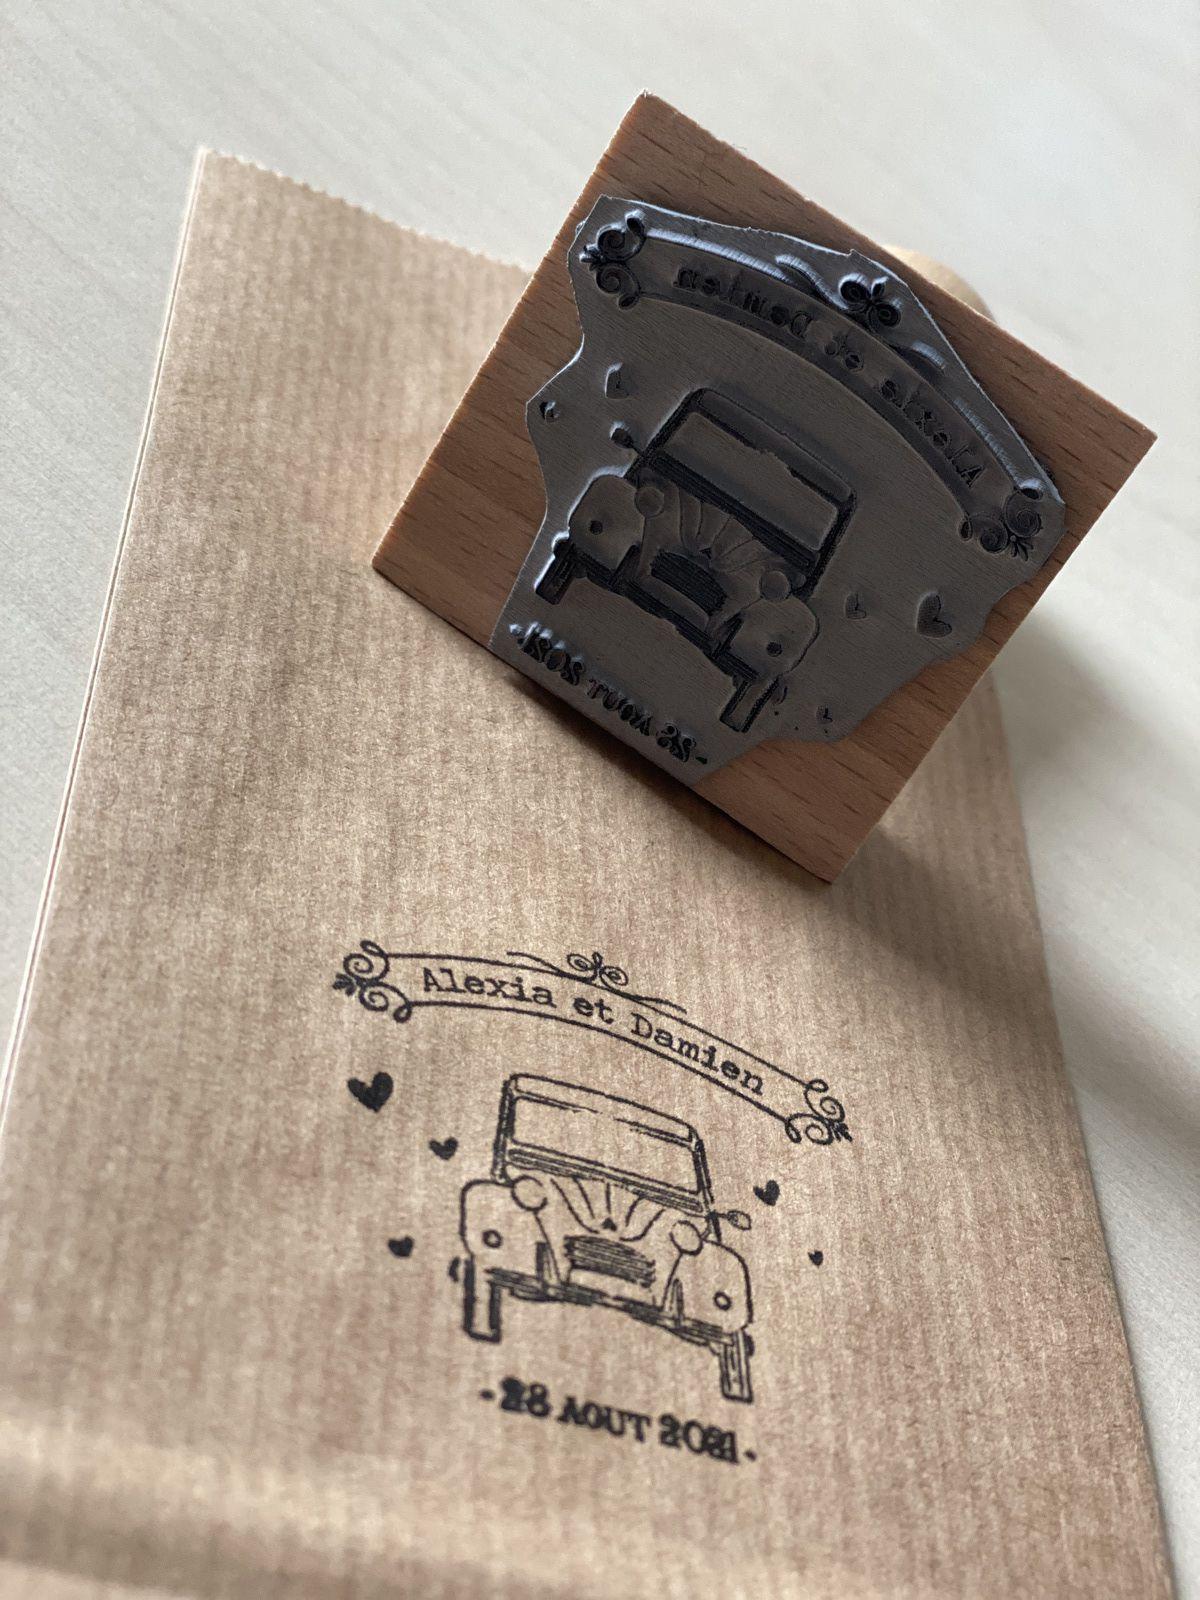 création tampon personnalisé sur mesure mariage #efdcbysoscrap montage support bois (encre non fournie) 2cv vintage rétro prénoms mariés + date